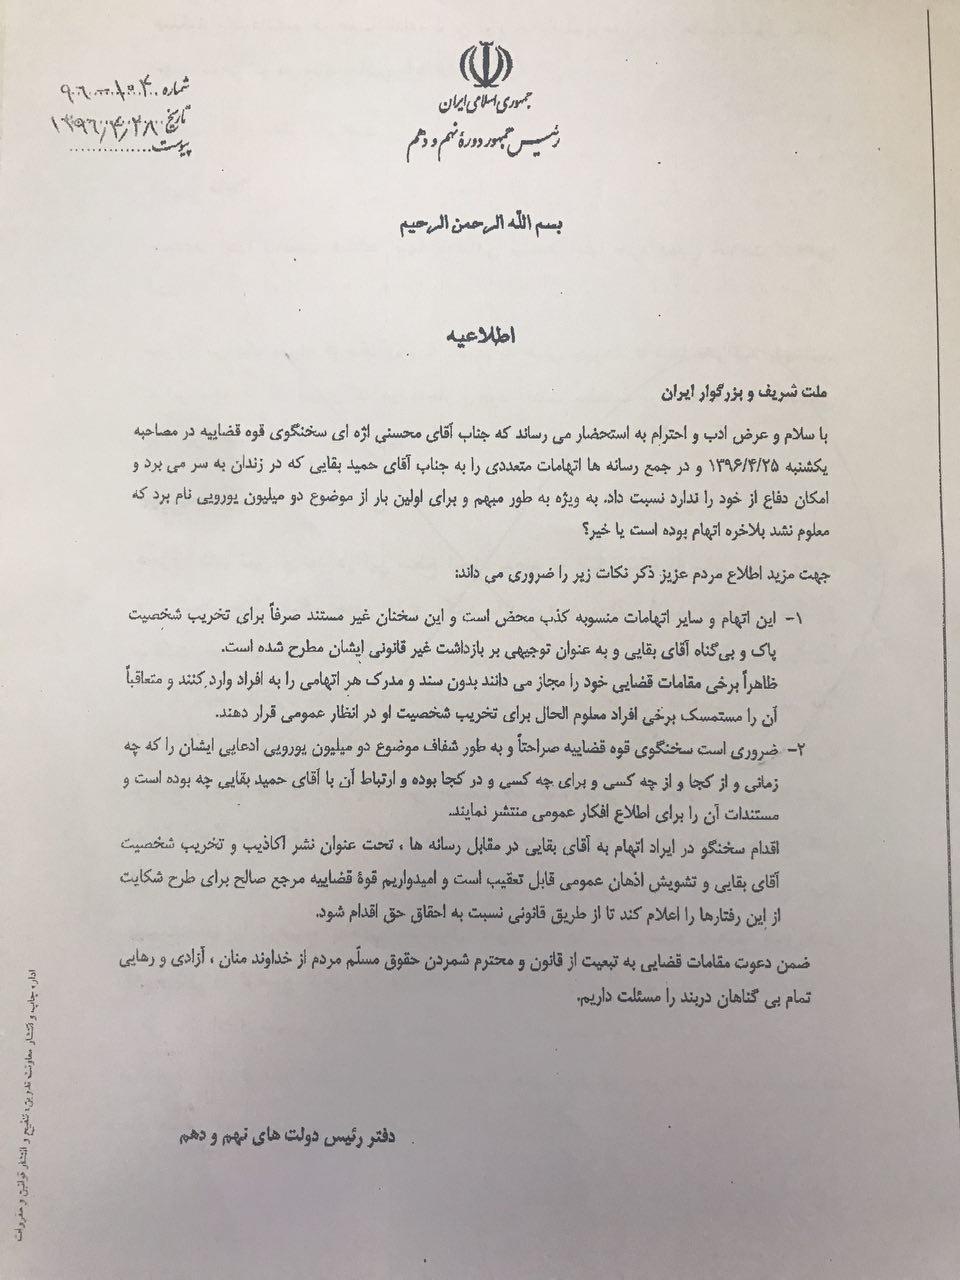 واکنش احمدی نژاد به بازداشت بقایی